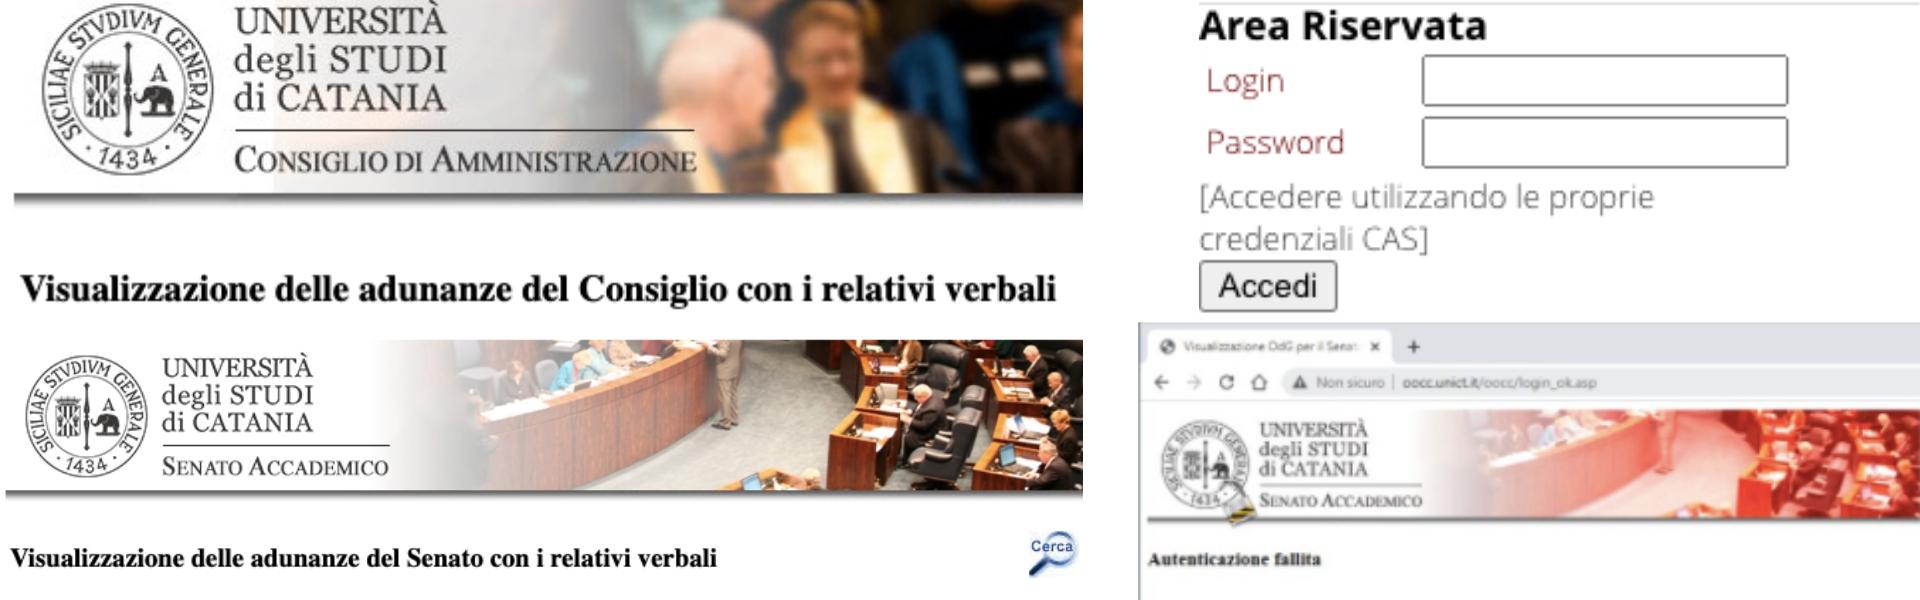 """UNICT e il caso """"degli 856 mila euro pagati due volte"""": arriva una condanna a 342 mila euro, tre """"graziati"""" ed una """"vittima"""""""